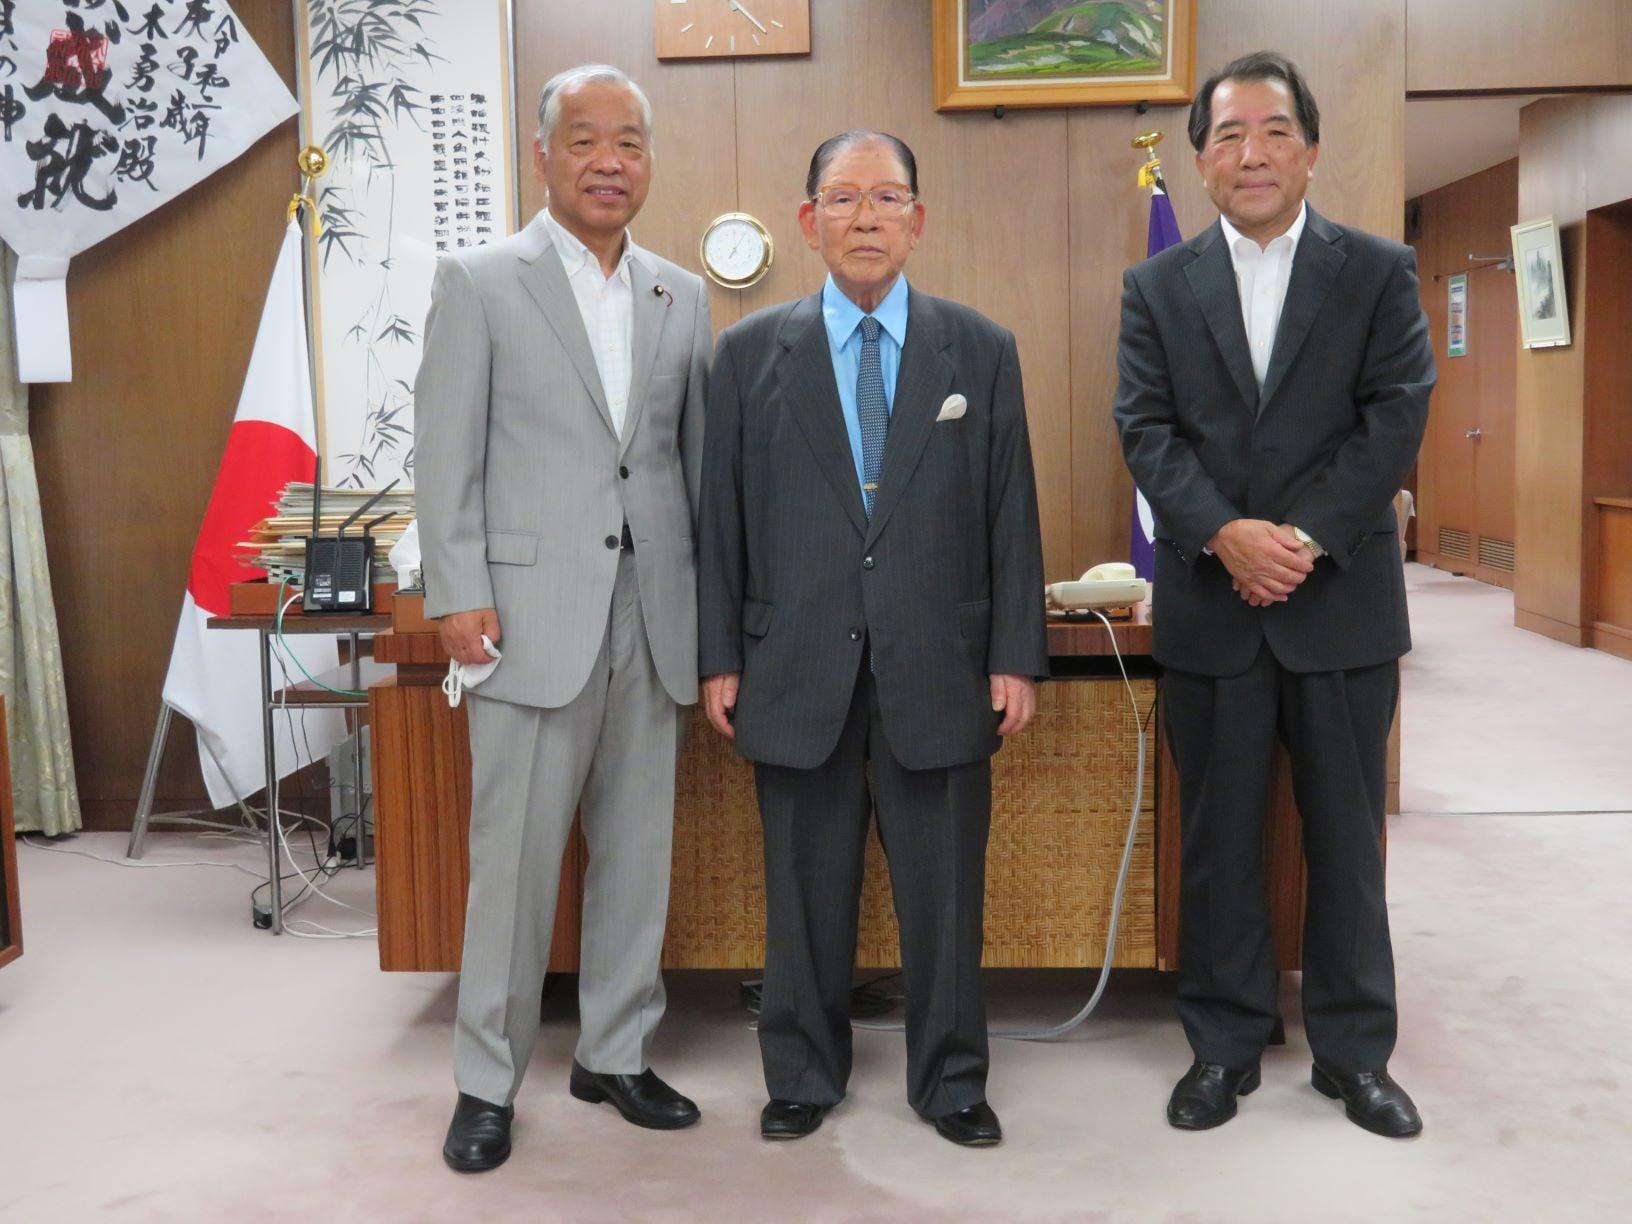 令和3年7月12日 公益財団法人アタラクシア(みやぎ霊園)の神谷理事長が表敬のため来訪されました